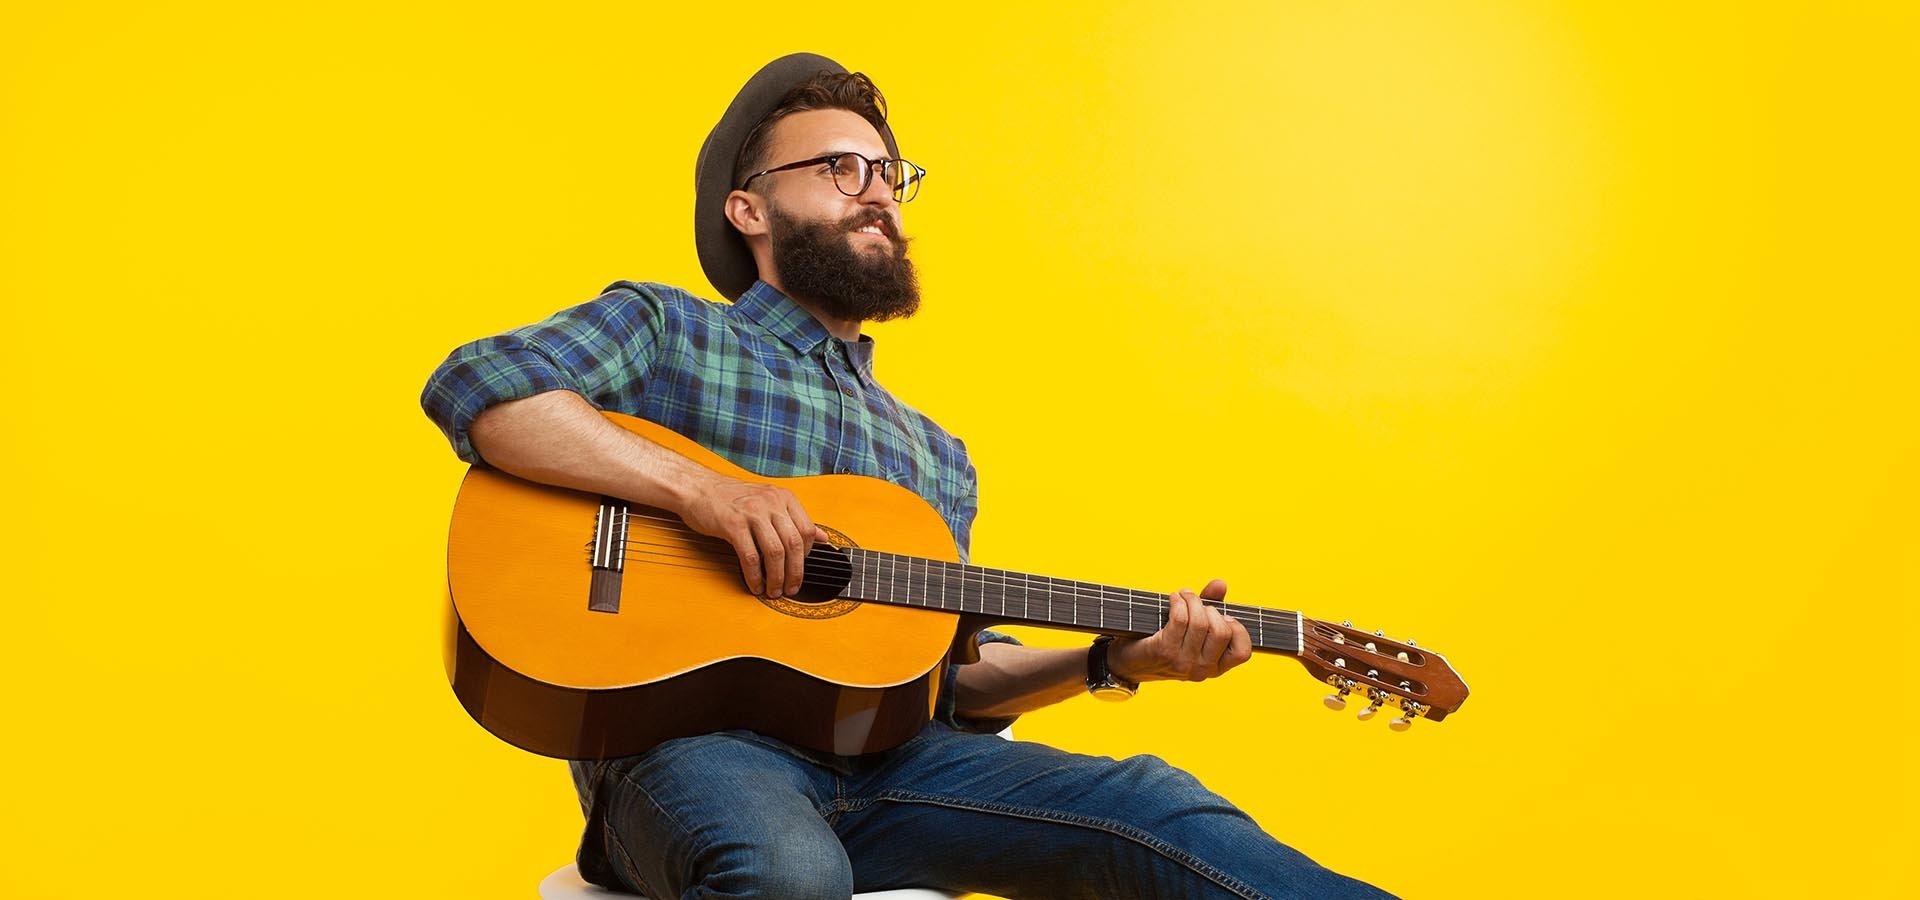 Nuorehko parrakas mies soittaa akustista kitaraa.